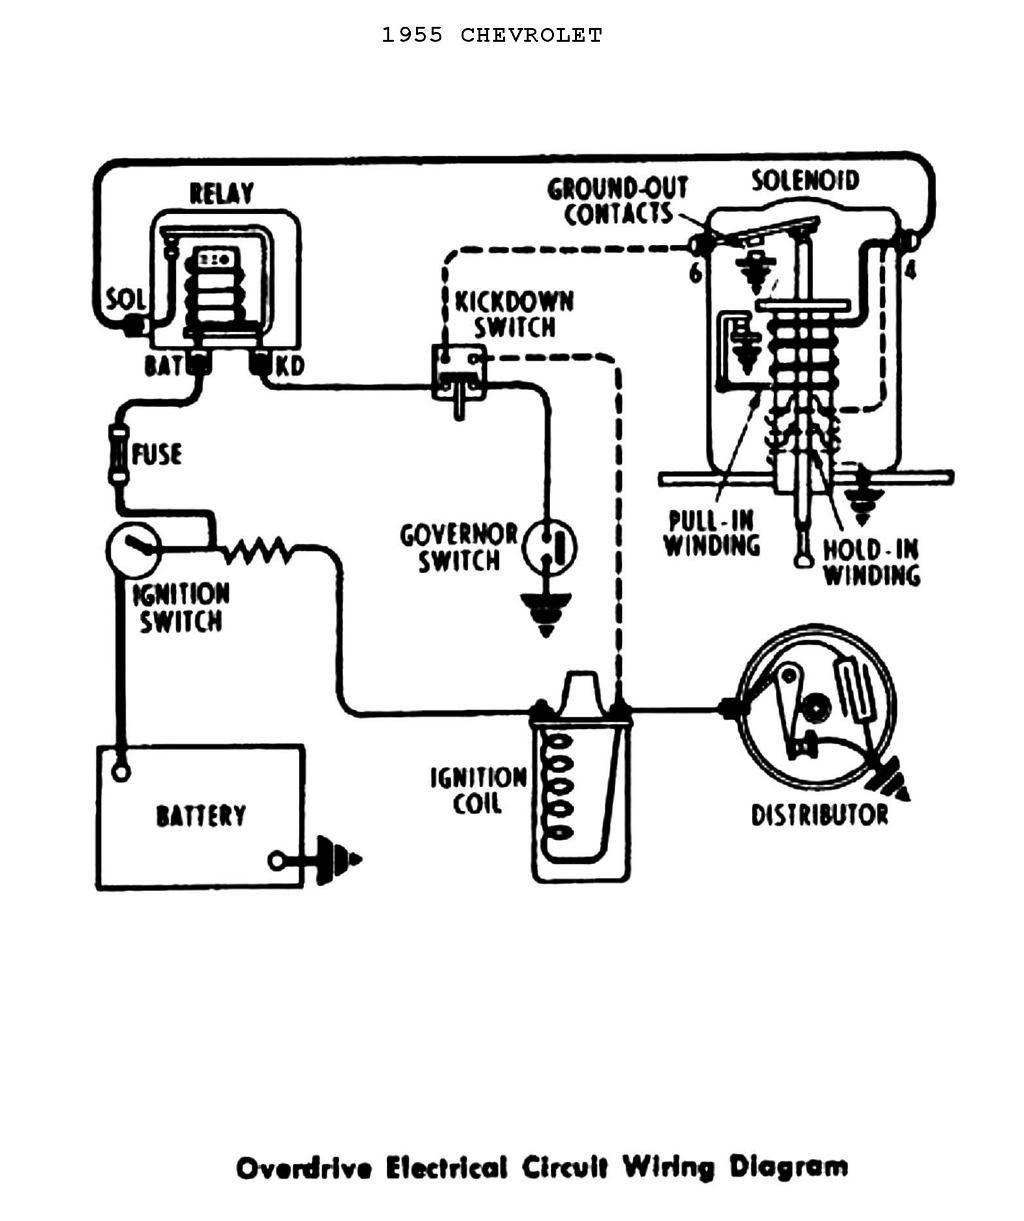 Chevrolet Coil Wiring Diagram - Schema Wiring Diagram - Coil Wiring Diagram